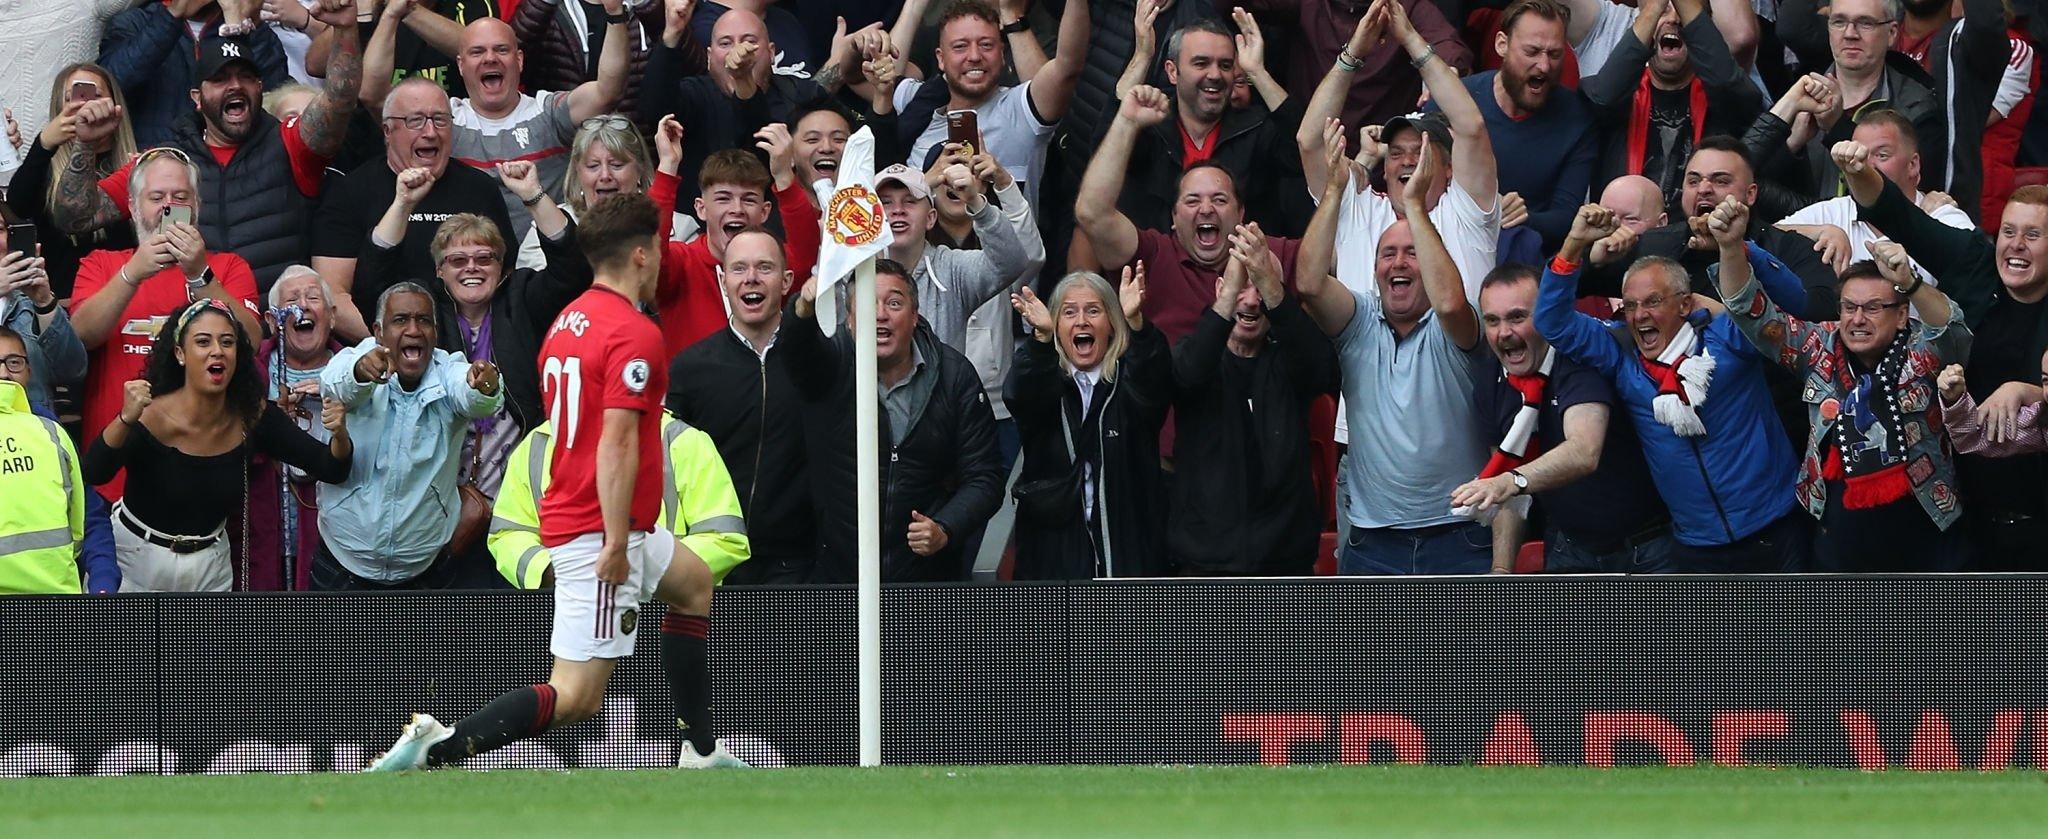 هدف مانشستر يونايتد الرابع في مرمى تشيلسي